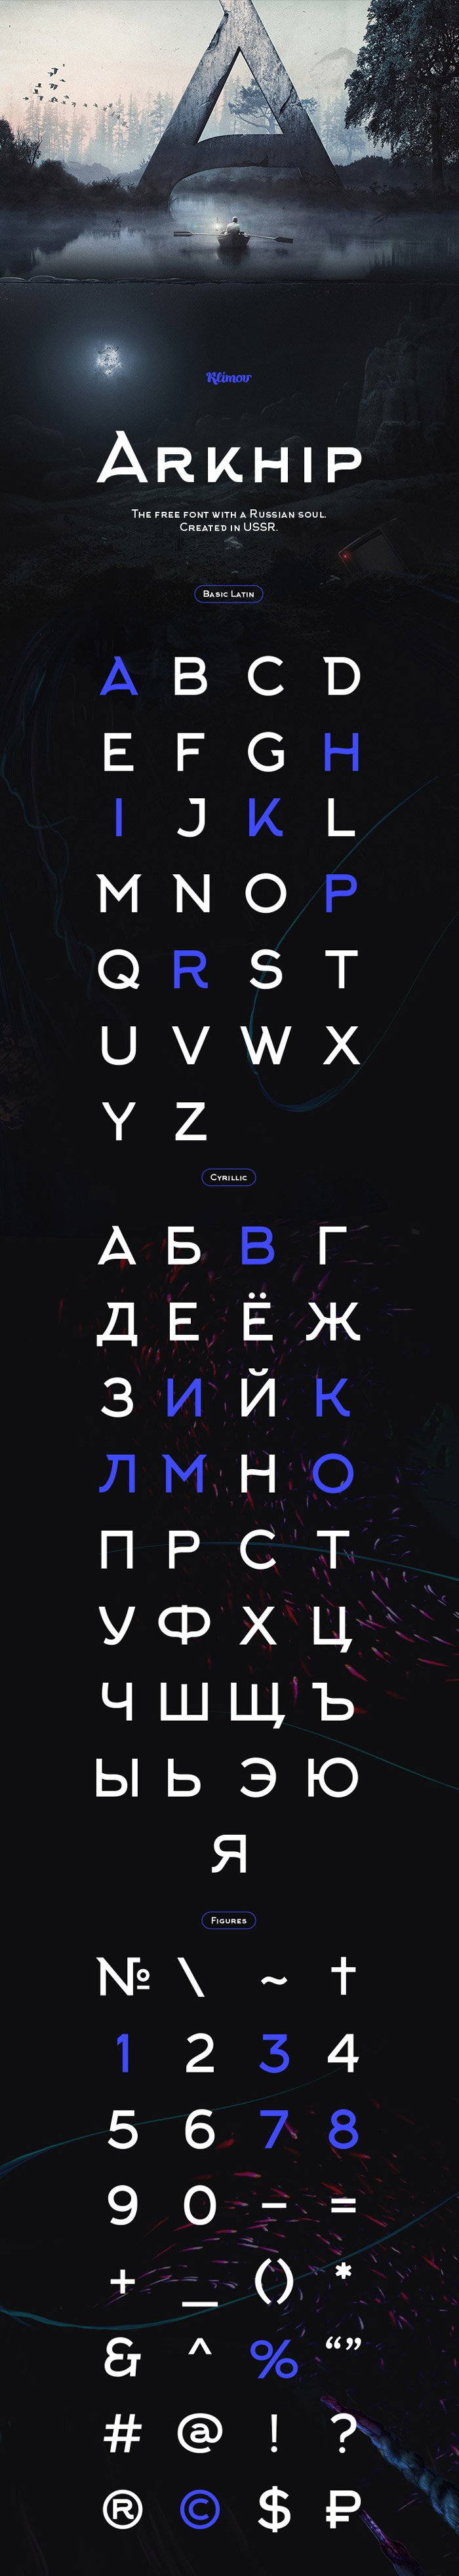 Шрифт Arkhip скачать бесплатно